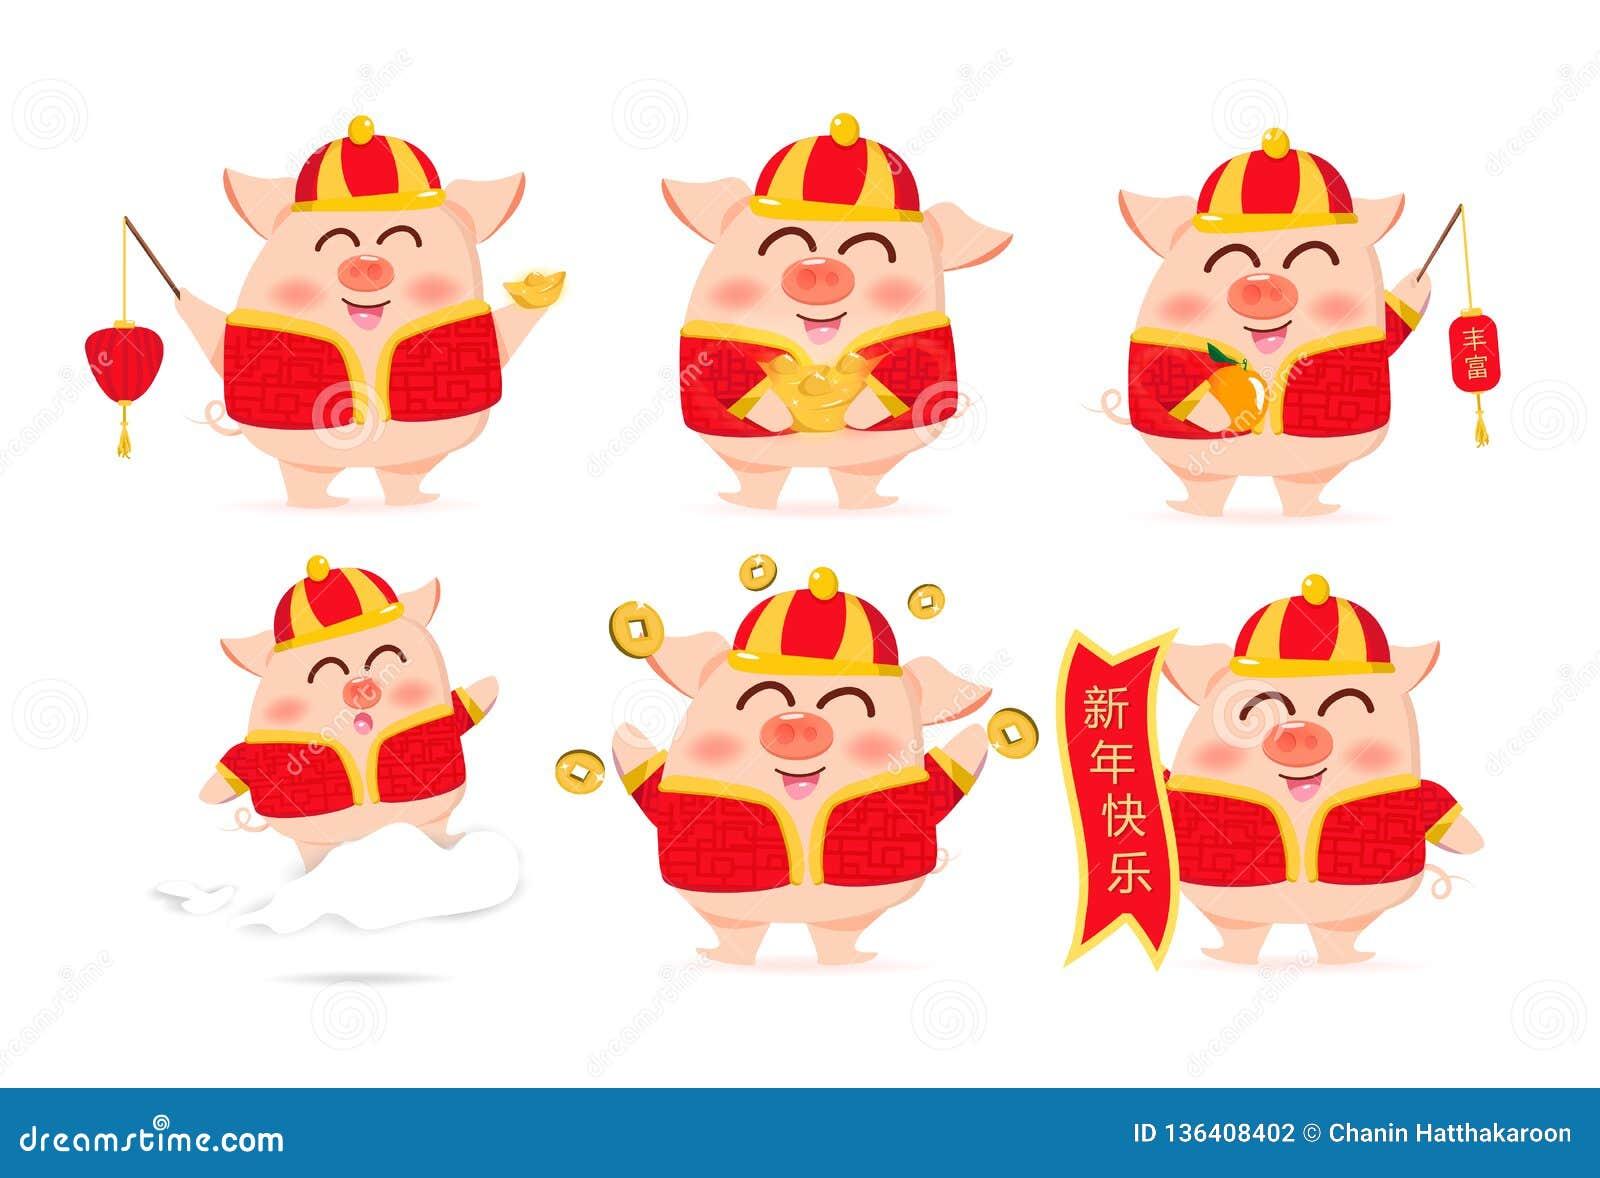 Schwein, Chinesisches Neujahrsfest, chinesische Karikatur des Kostümmaskottchens, feiern, nette und entzückende Charaktervektoril